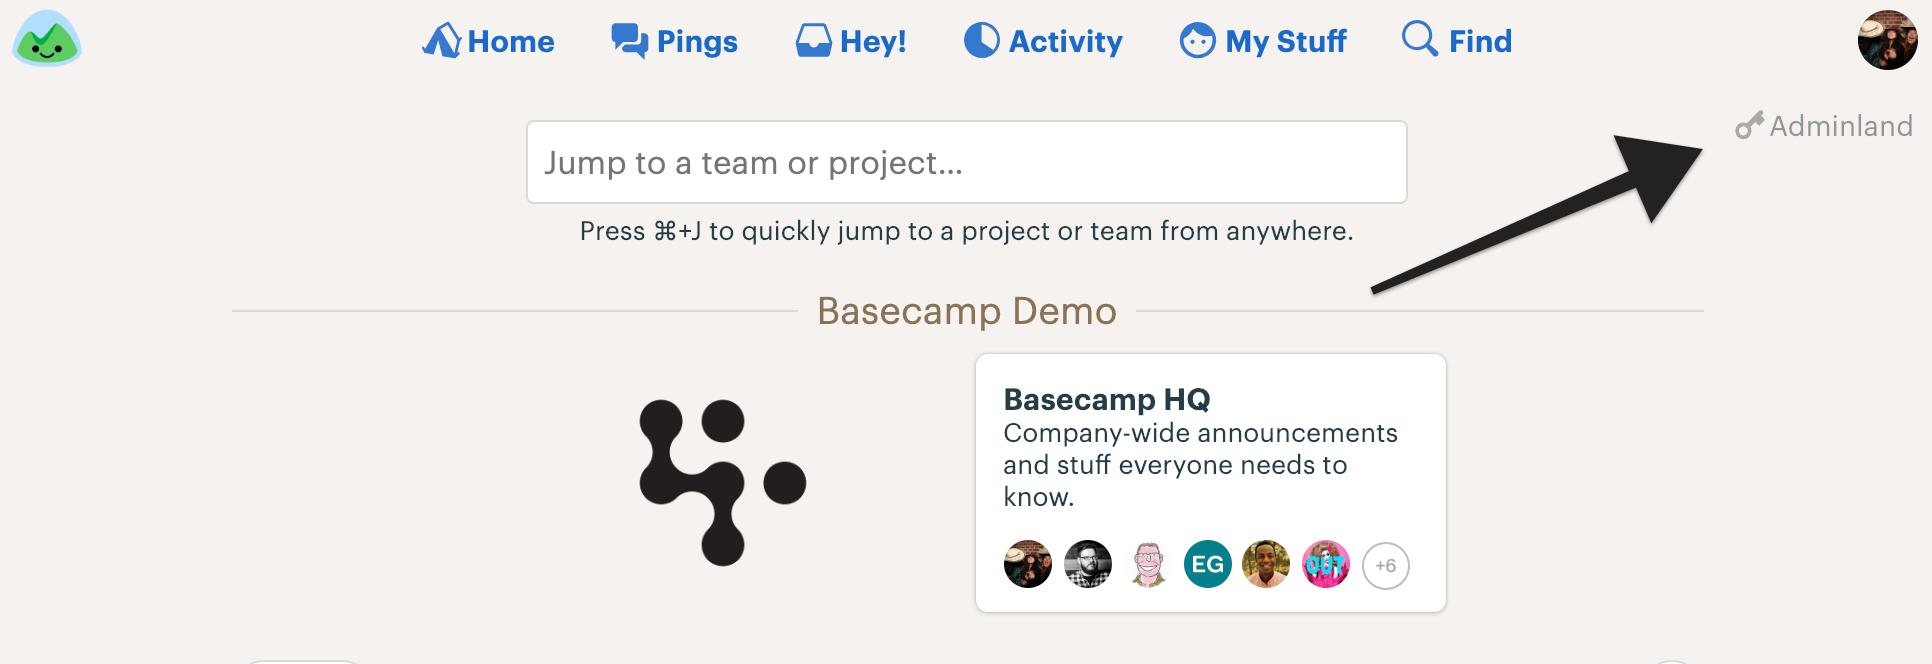 Managing People - Basecamp 3 Help